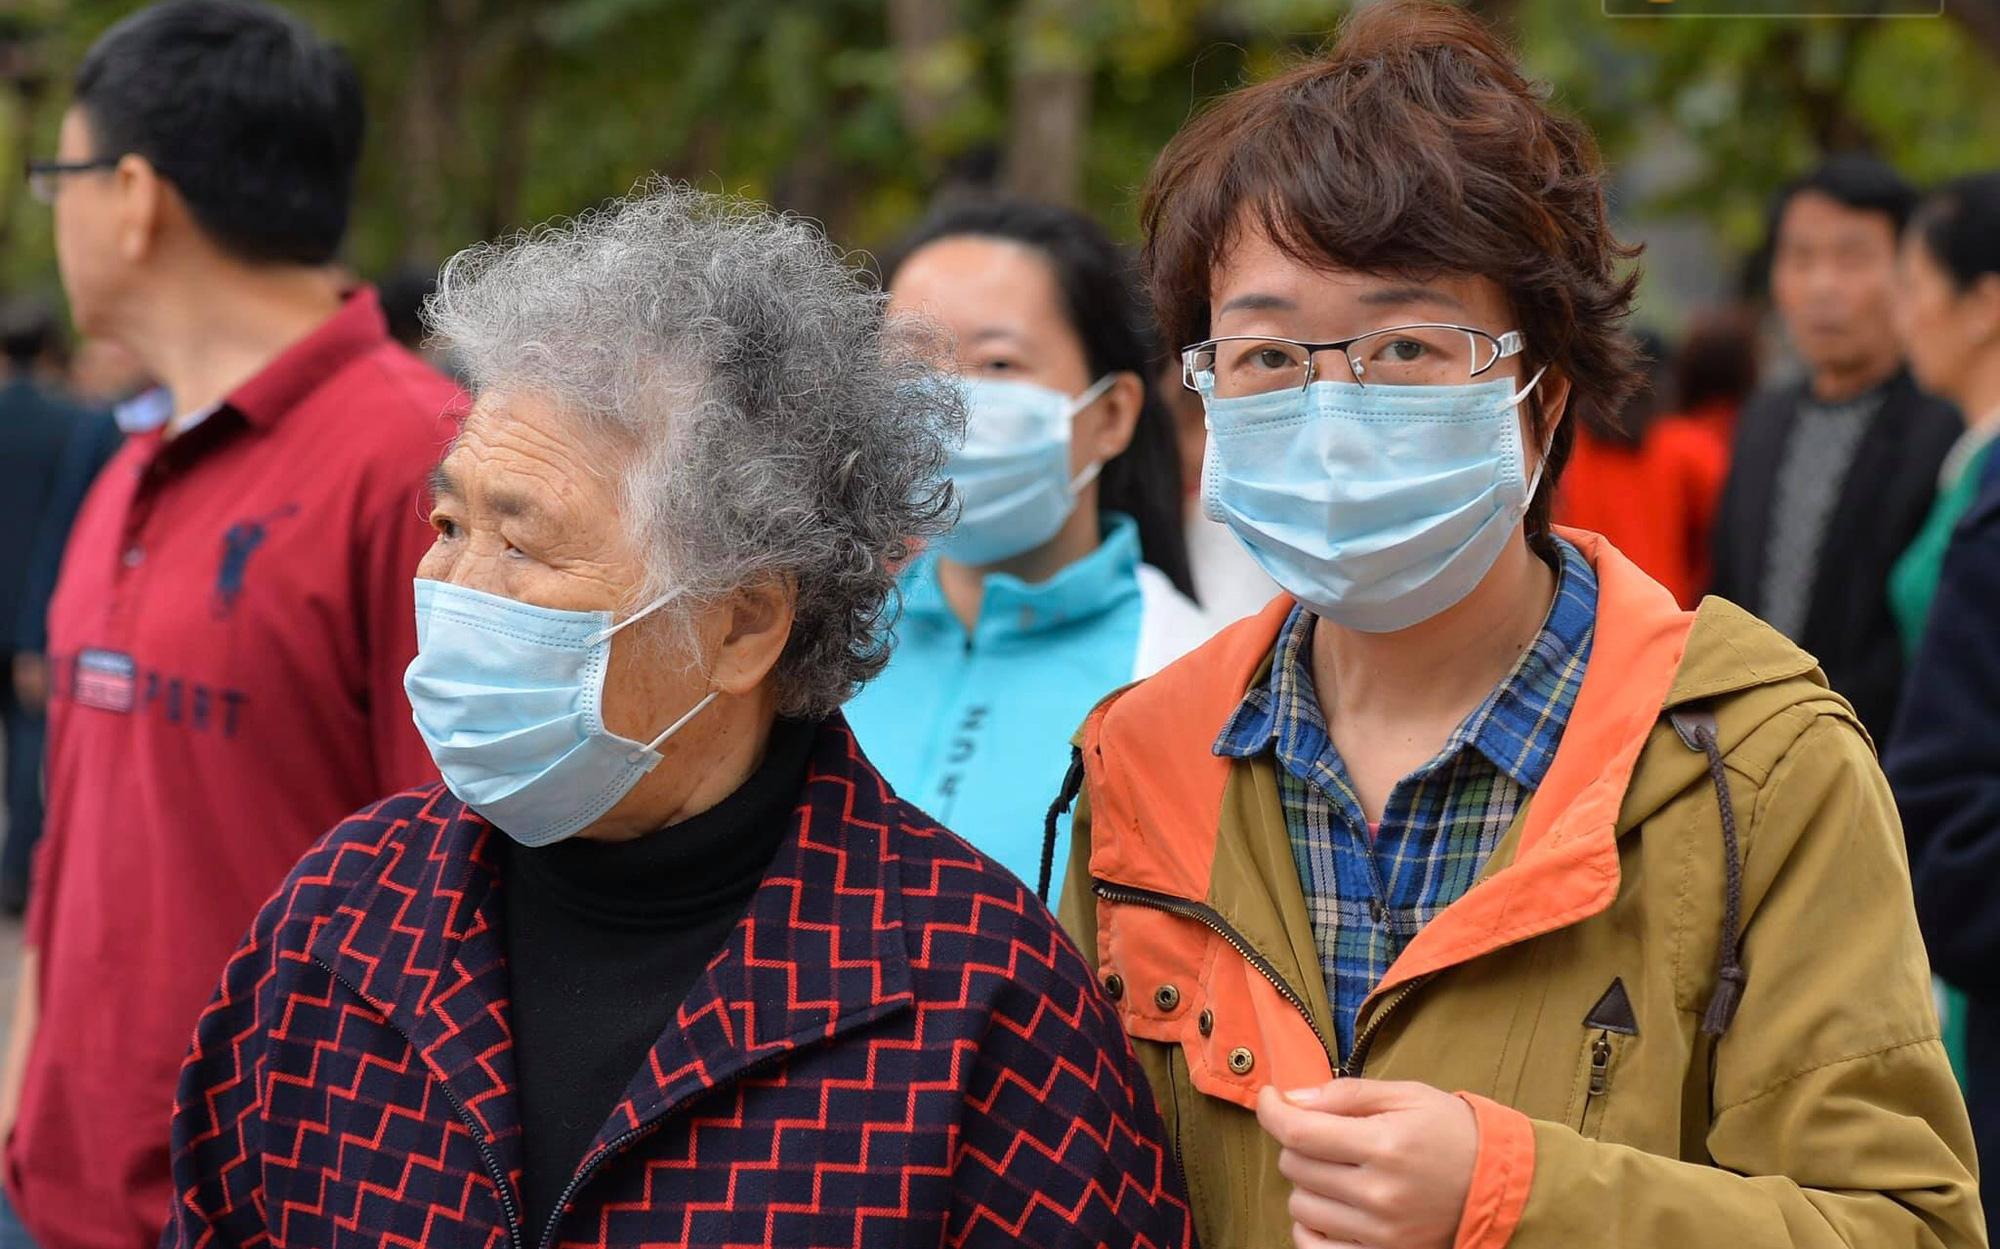 Bé gái 15 tuổi người Trung Quốc bị sốt cao đi cùng cha đến Tân Sơn Nhất âm tính với virus Corona